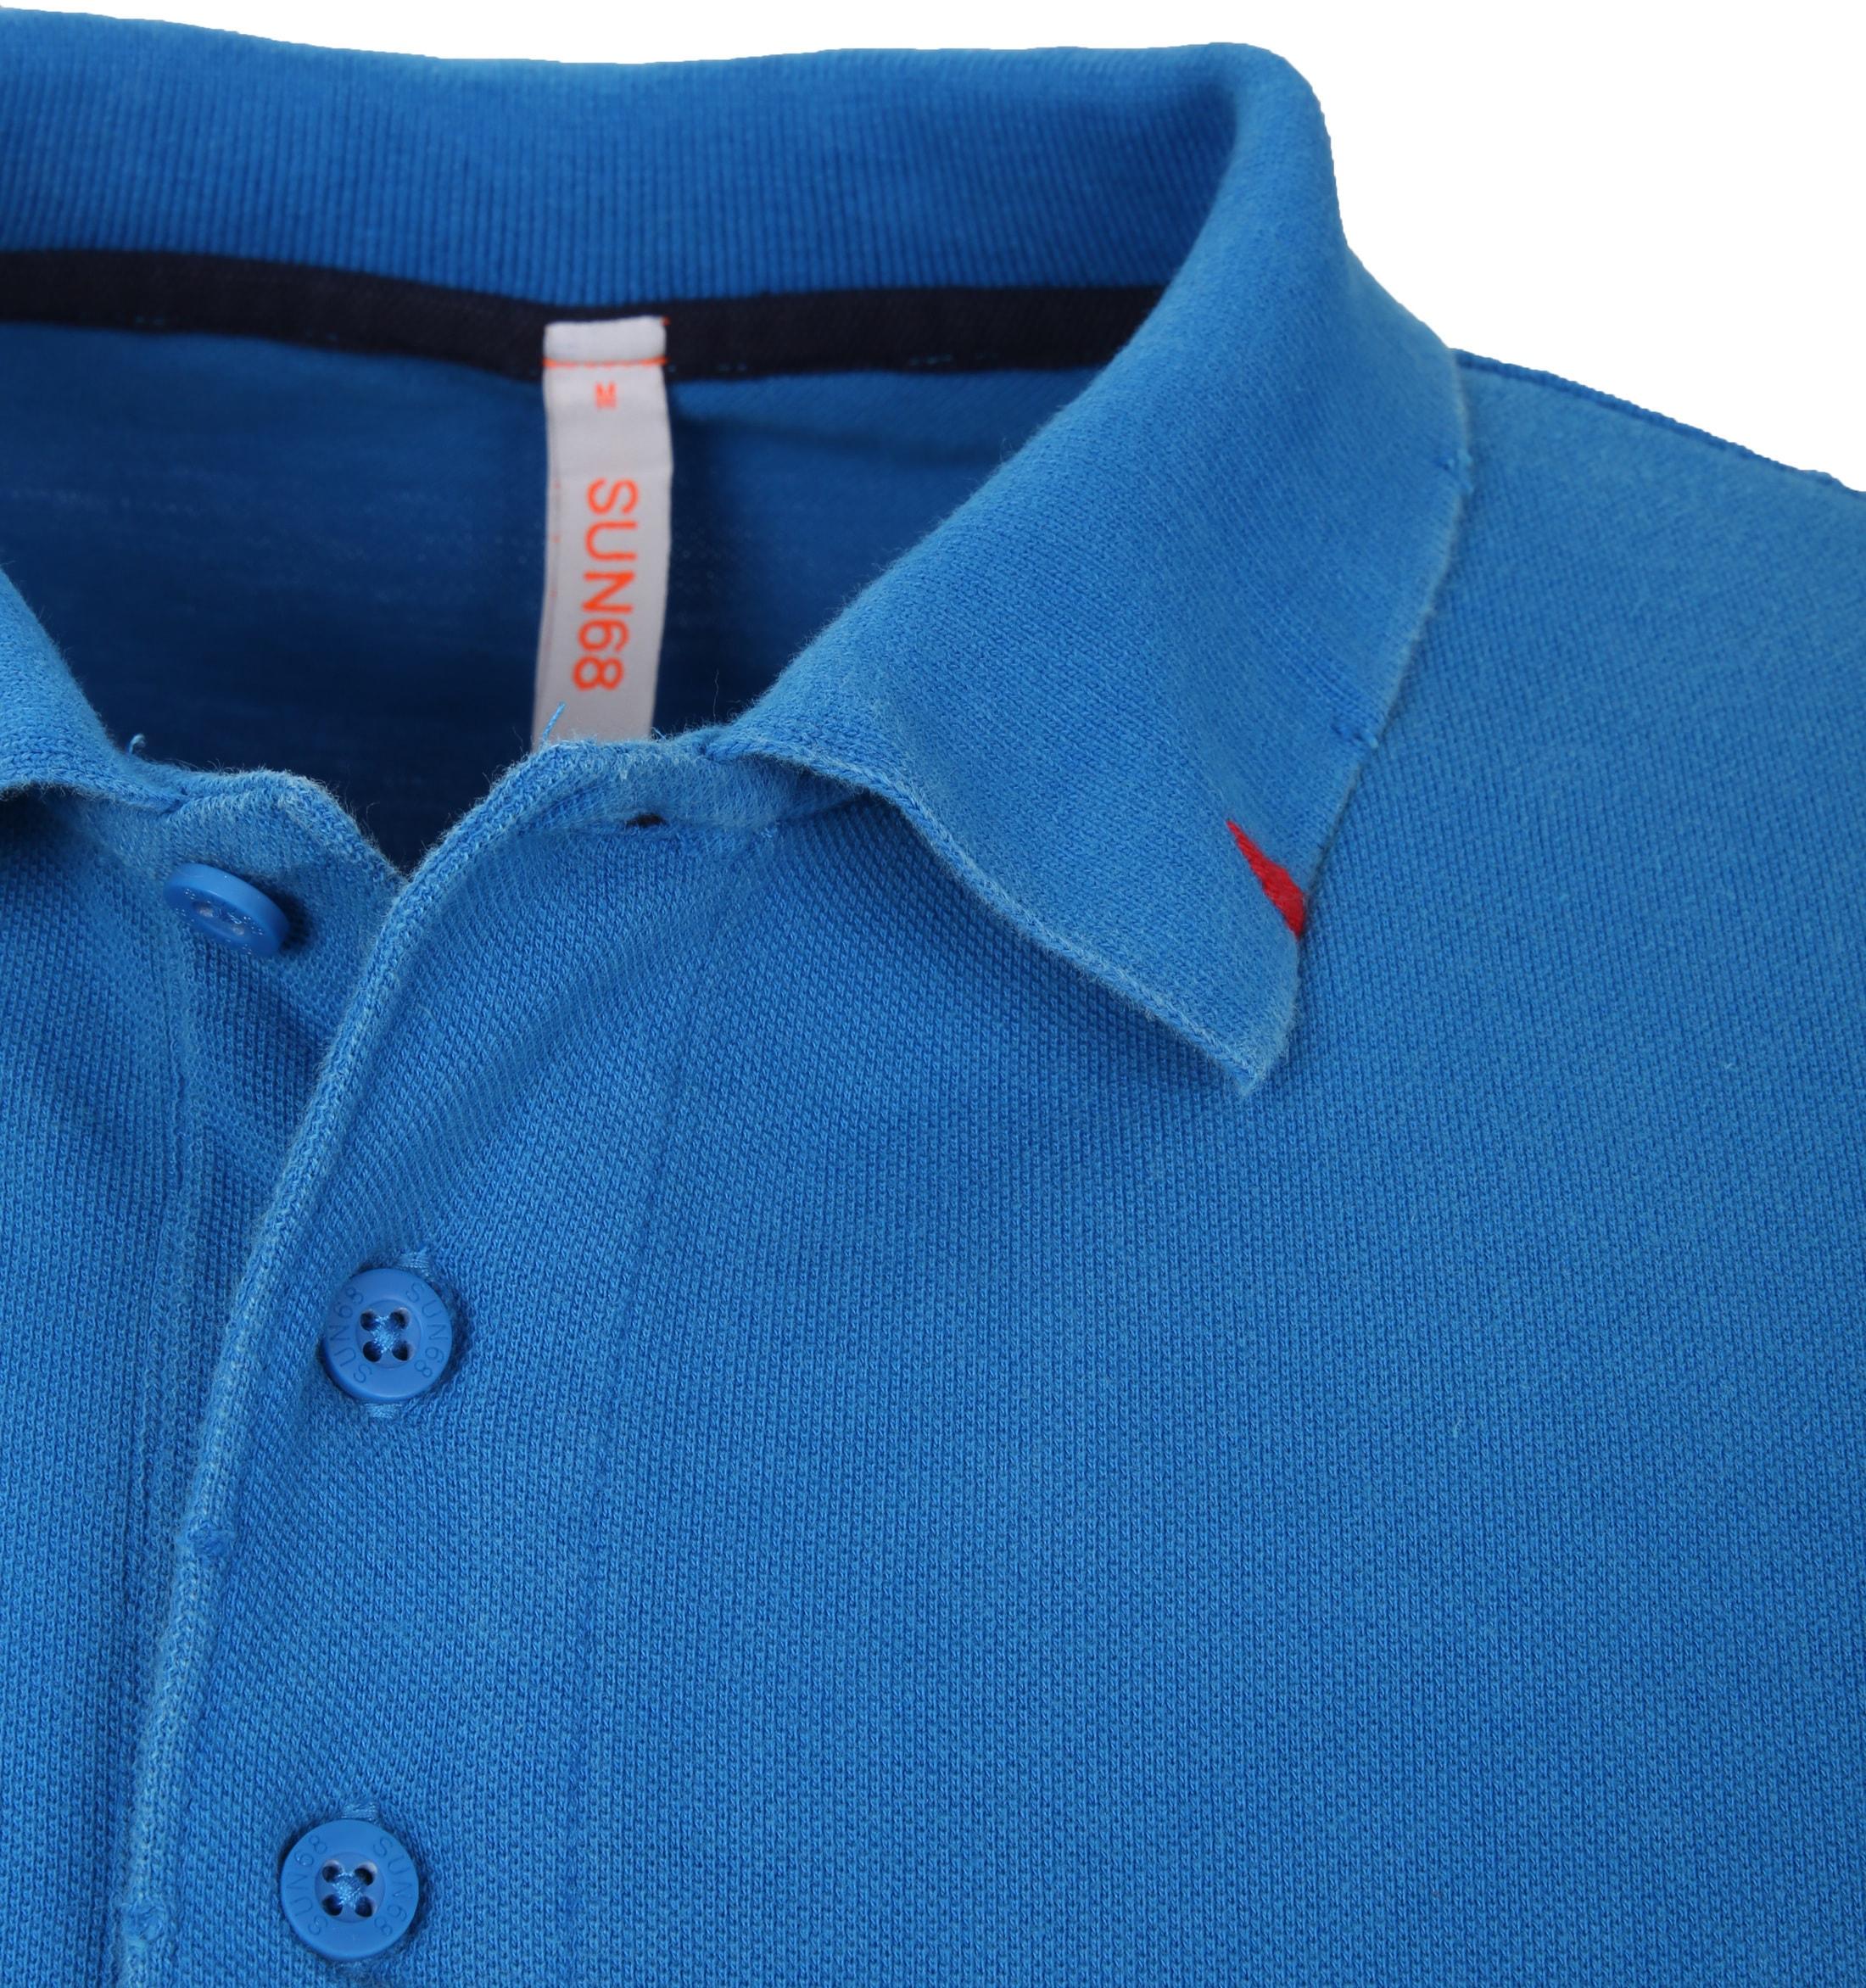 Sun68 Polo Longsleeve Vintage Blauw foto 1